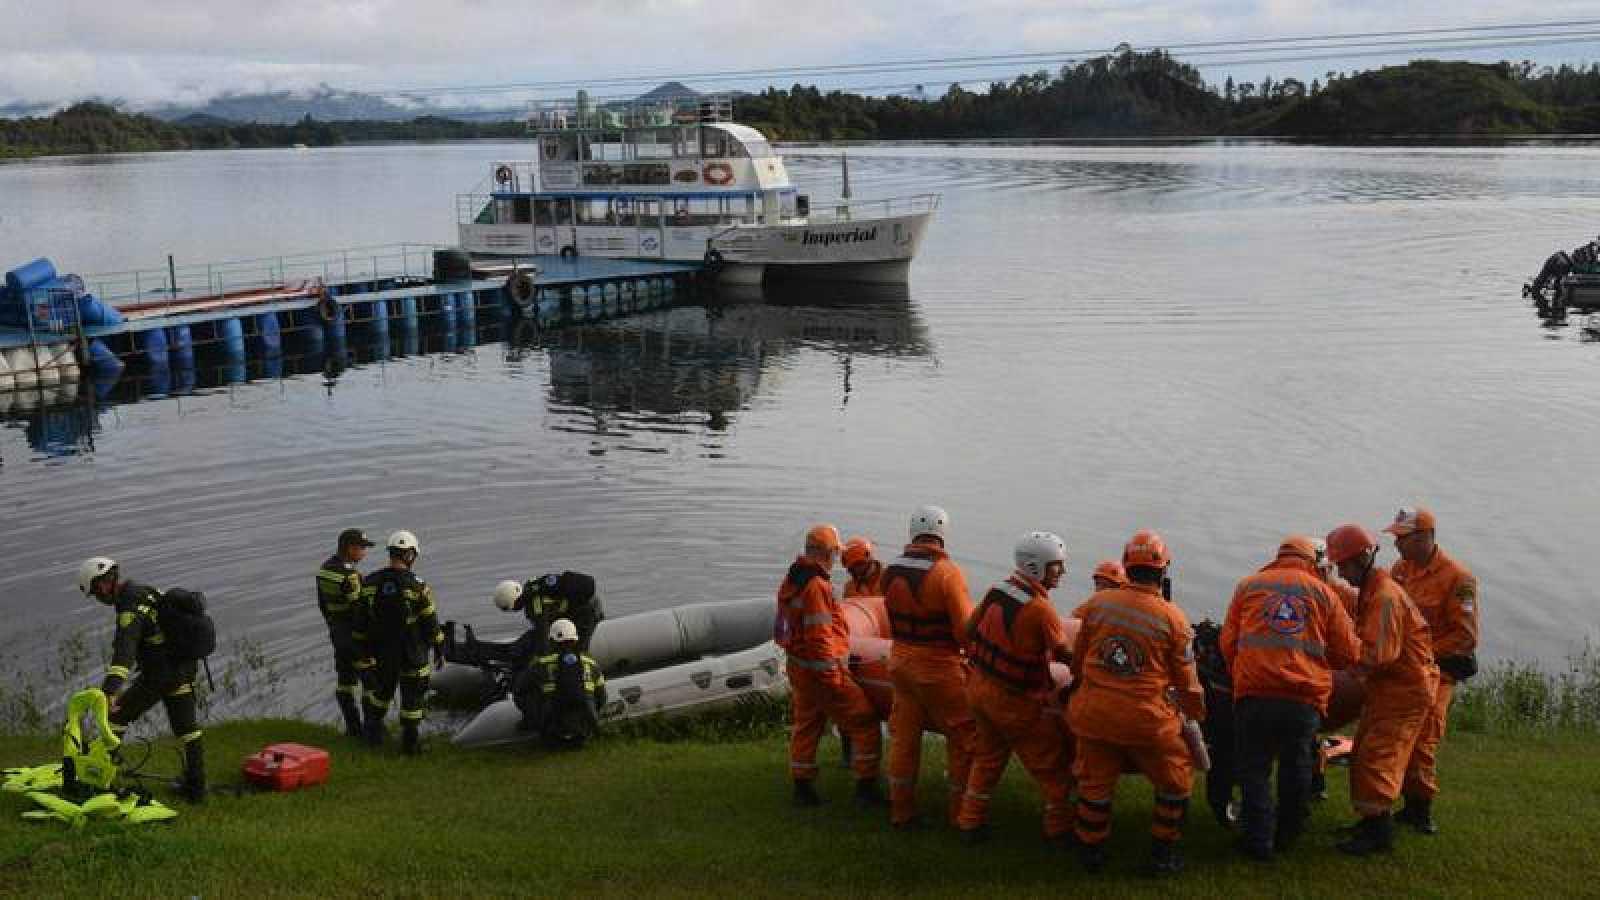 Un equipo de rescate bisca supervivientes del naufragio del 'Almirante' en Guatape, Colombia